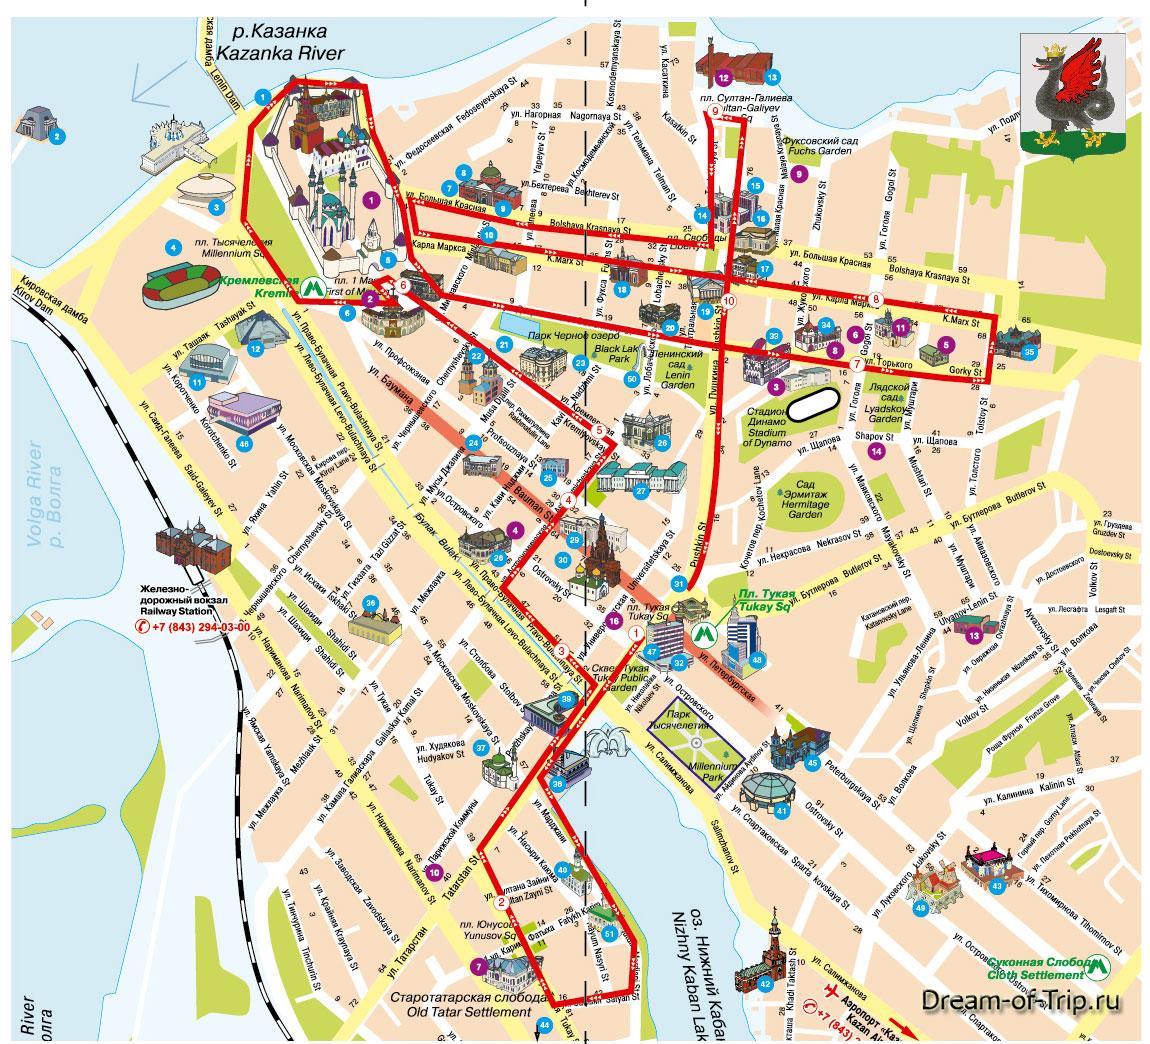 Полный маршрут экскурсионного автобуса.